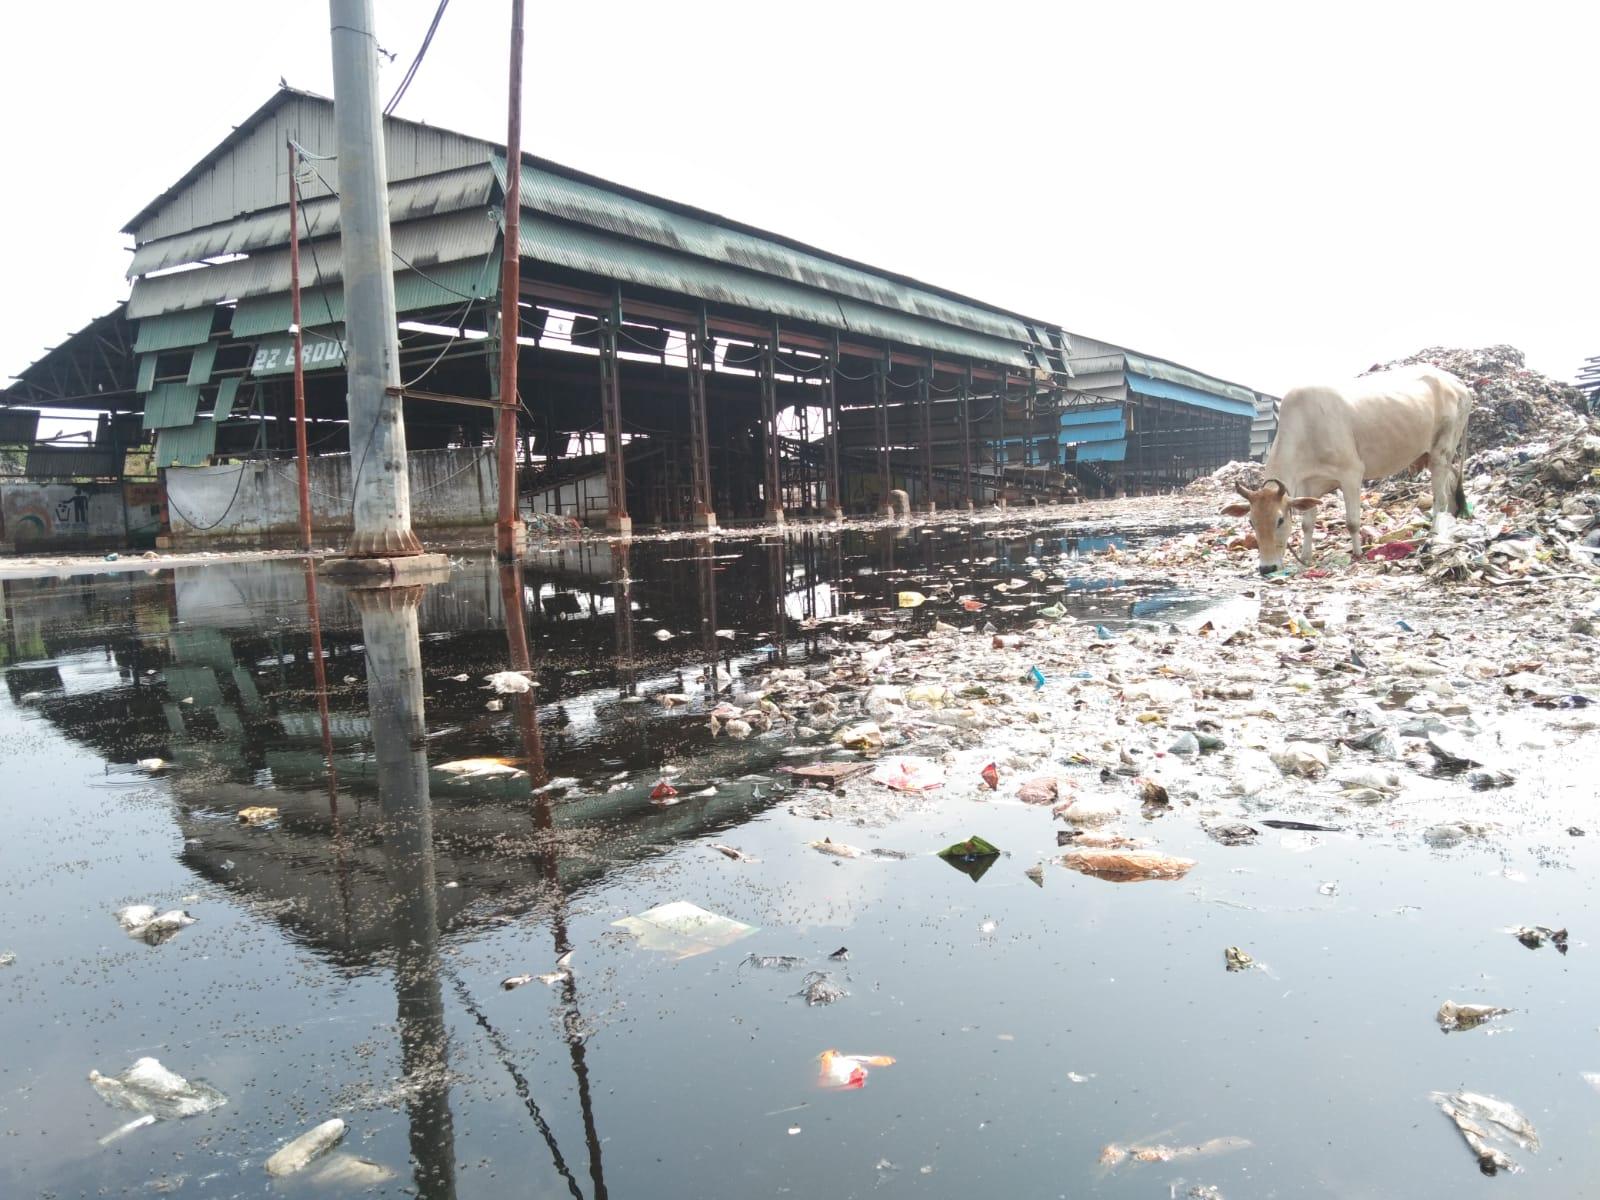 नगर निगम के कूड़ा निस्तारण प्लांट में बारिश का पानी भरने से 7 दिन से बंद है प्लांट, 15 लाख मीट्रिक टन कूड़ा पहले से है डंप कानपुर,Kanpur - Dainik Bhaskar